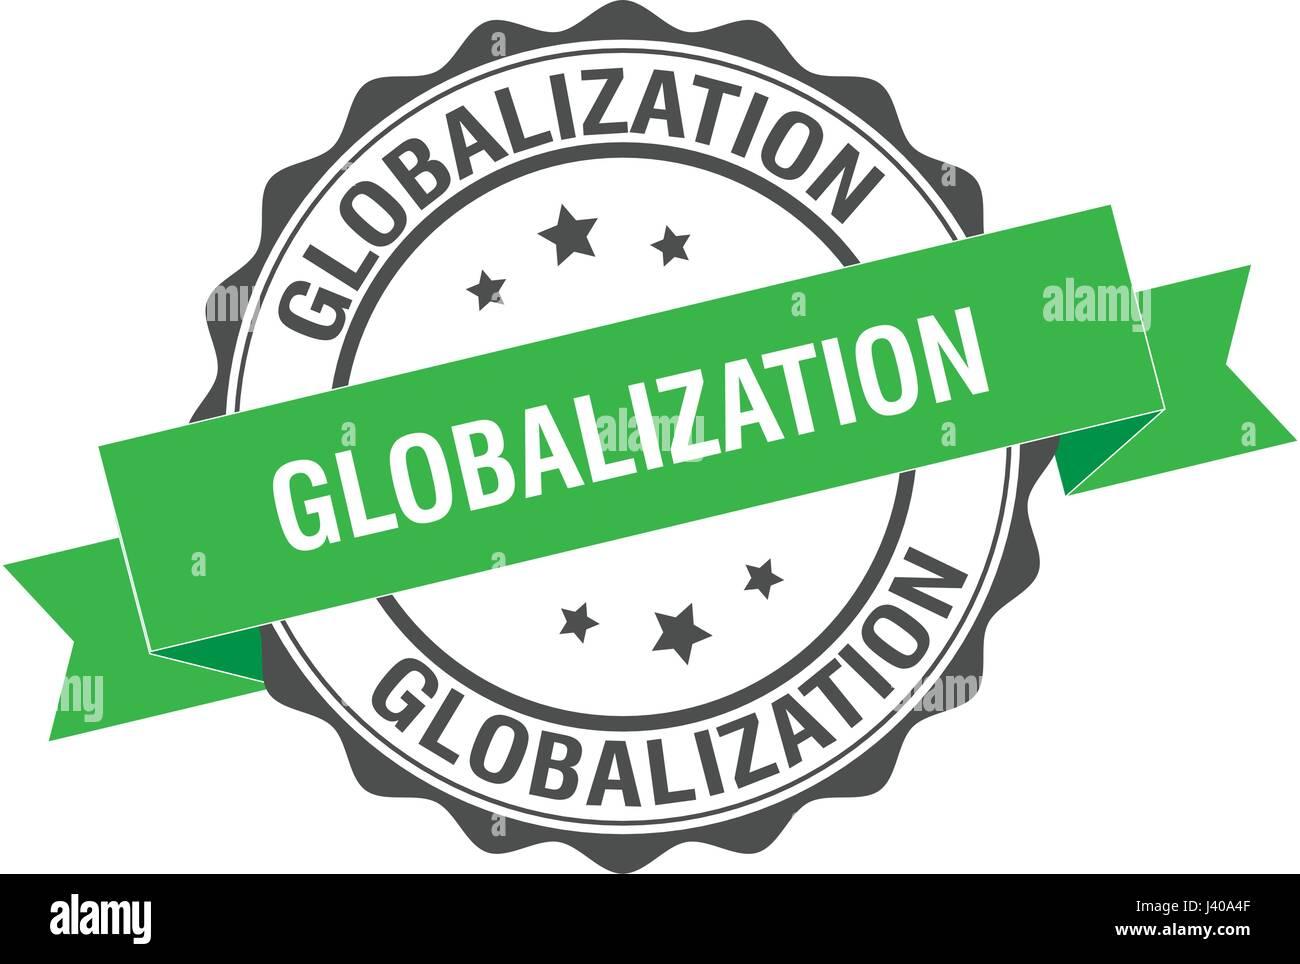 Timbro di globalizzazione illustrazione Immagini Stock